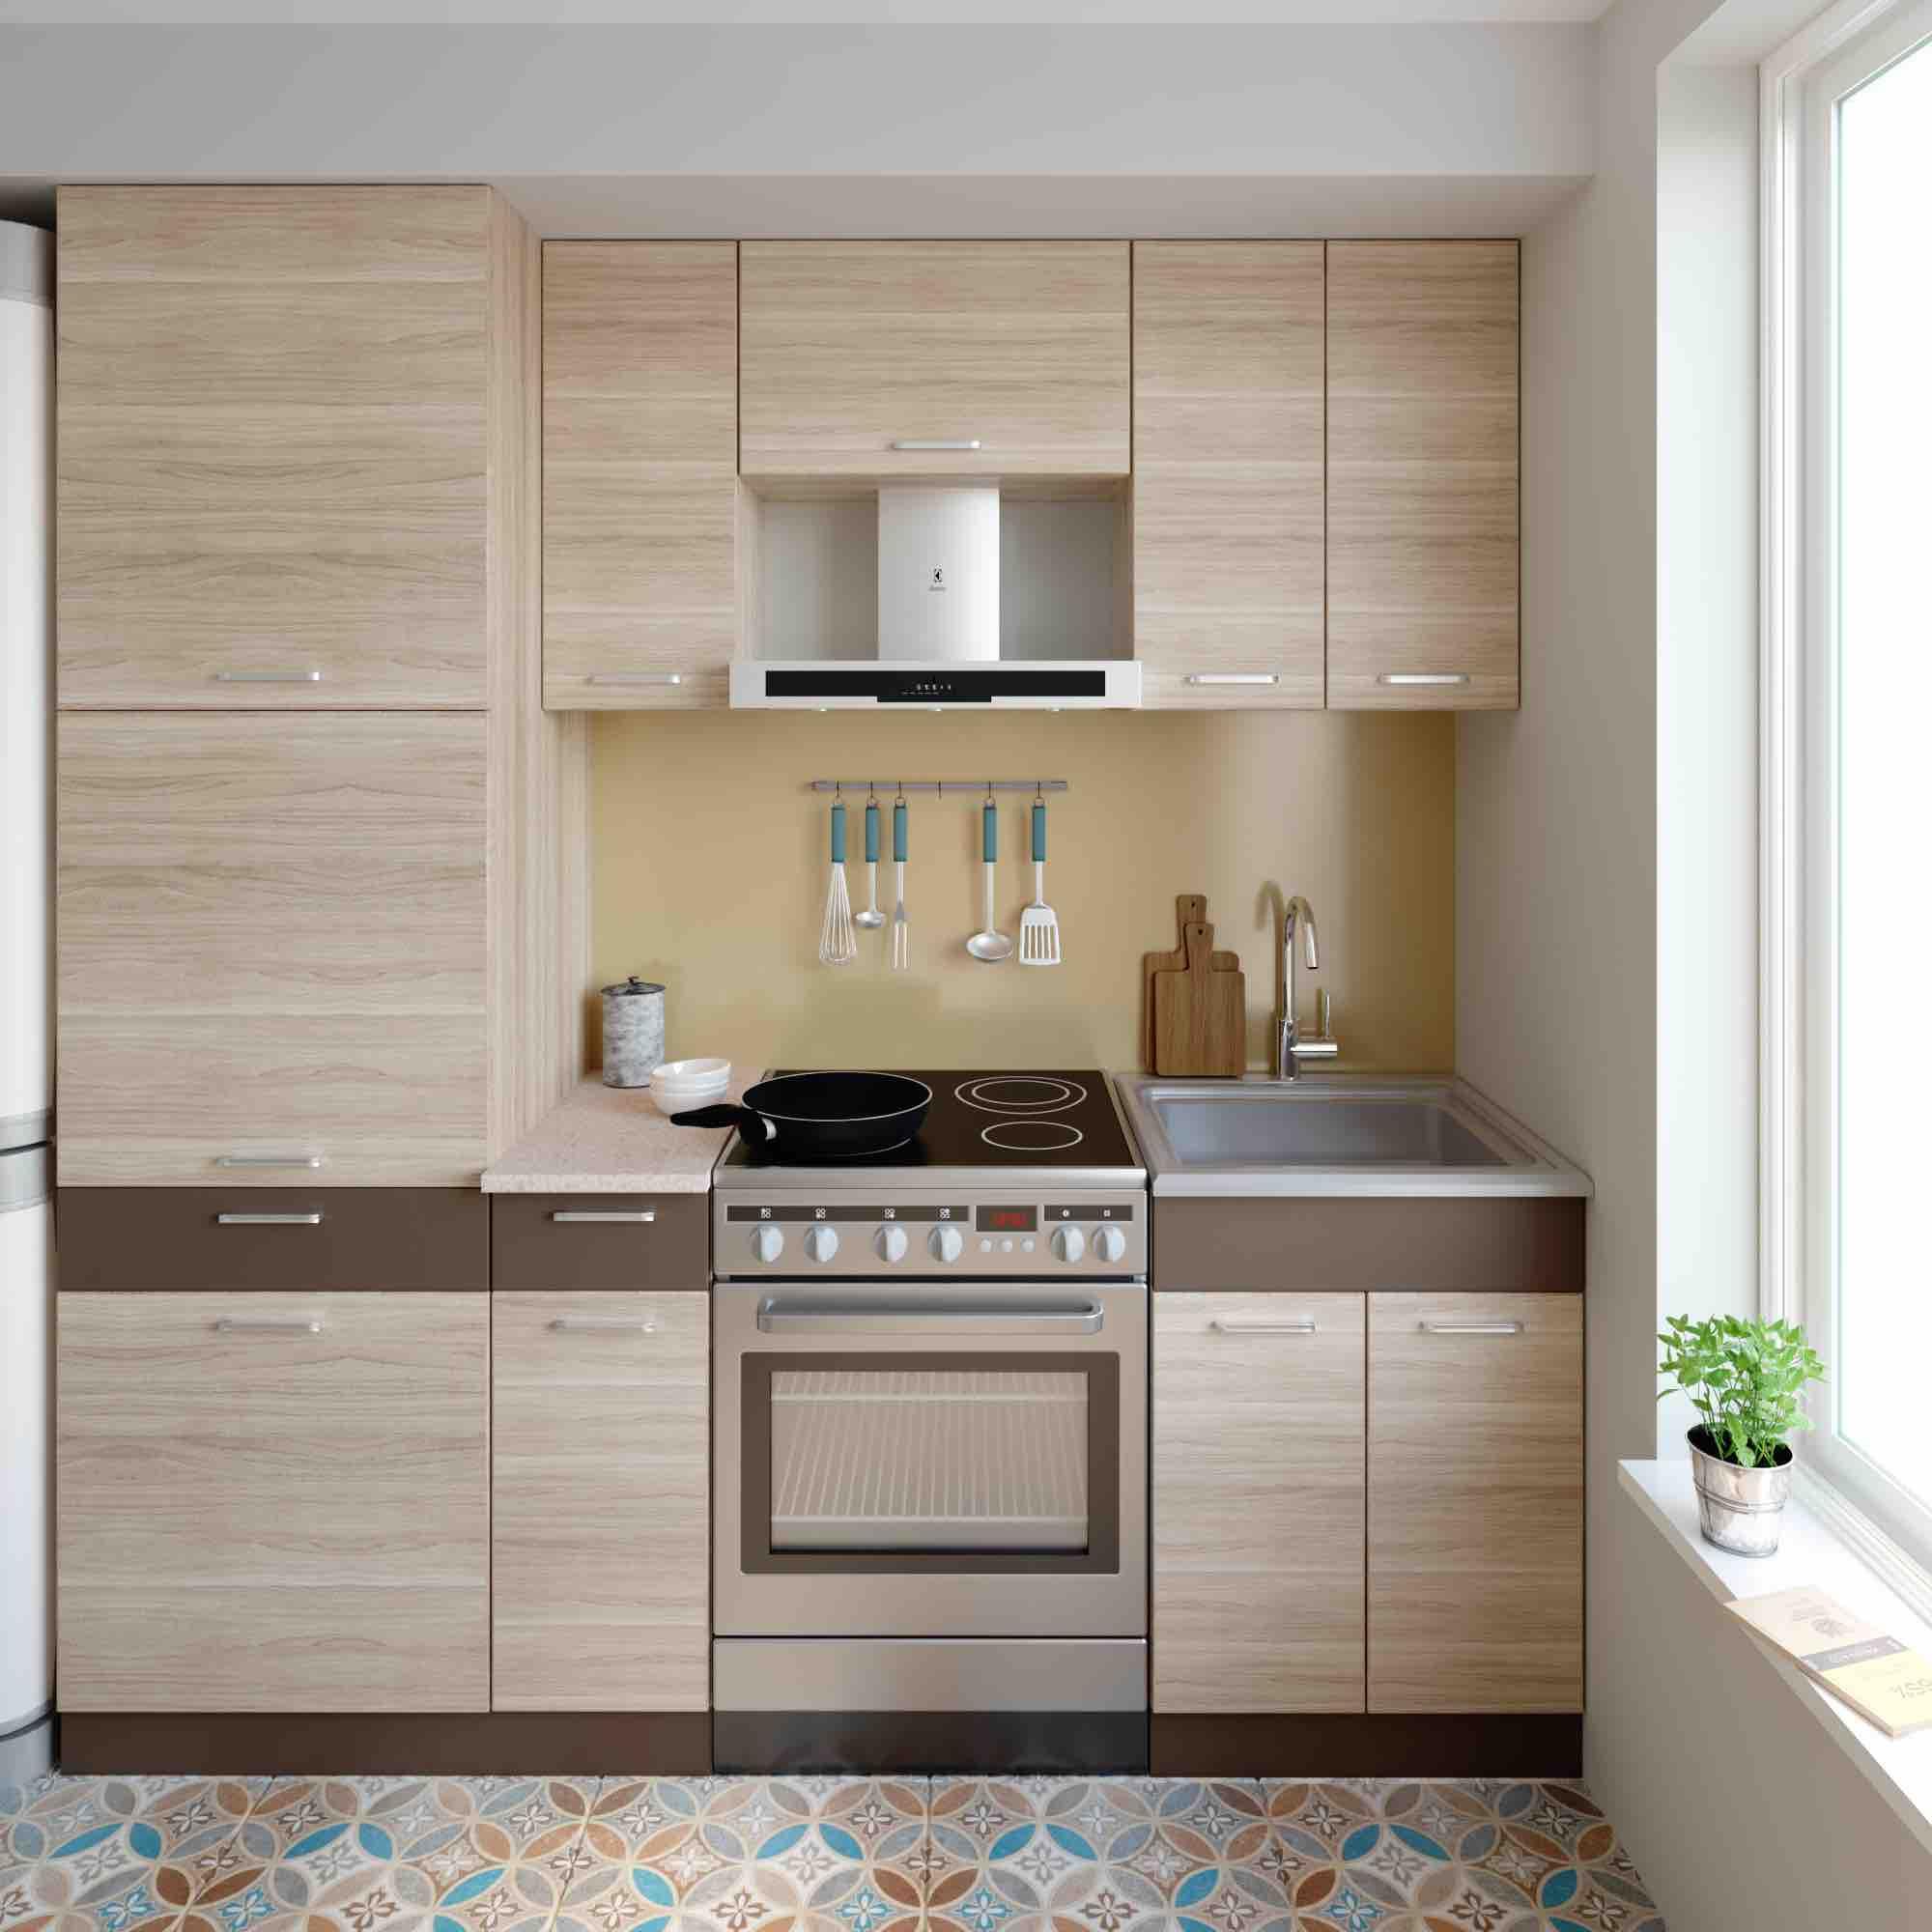 Küche ALINA H 210 cm – Möbel DENA